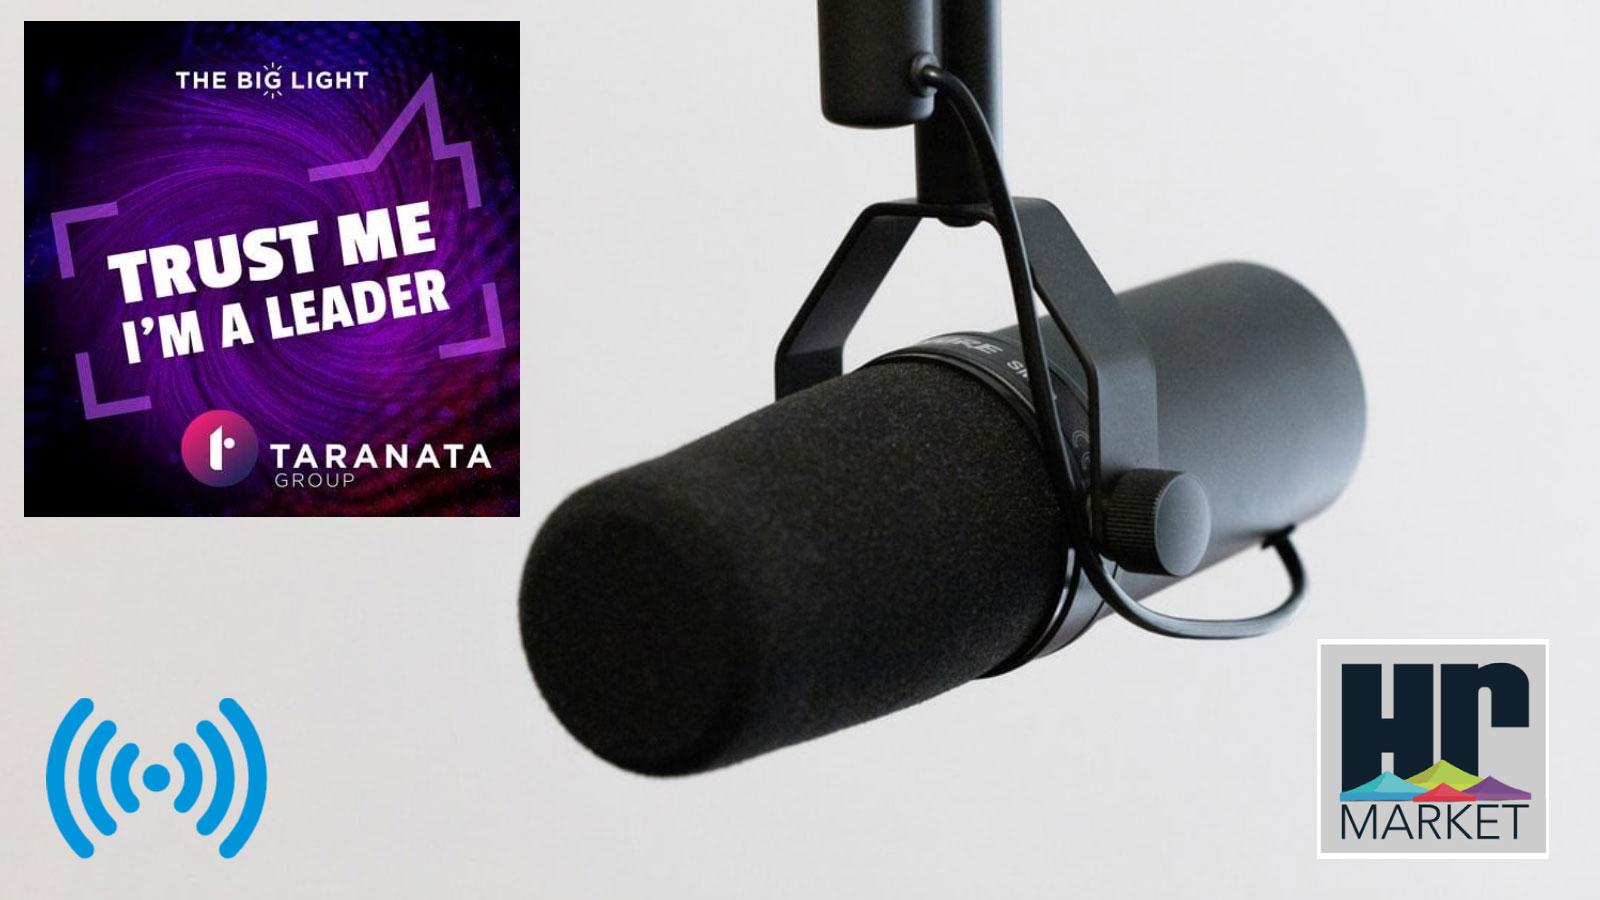 tranata-podcast